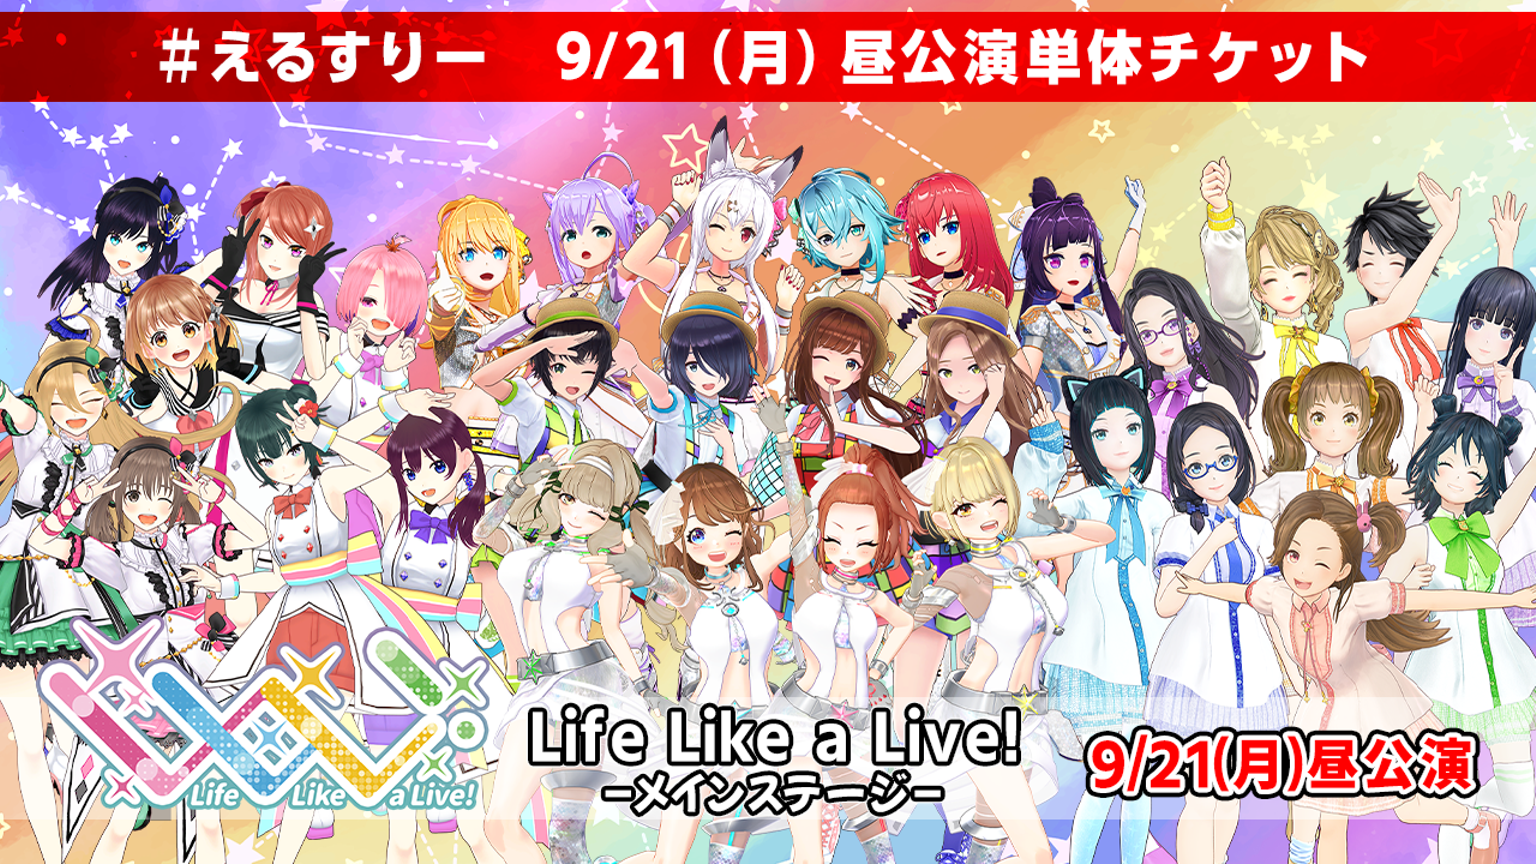 【9/21(月・祝)昼】Life Like a Live!